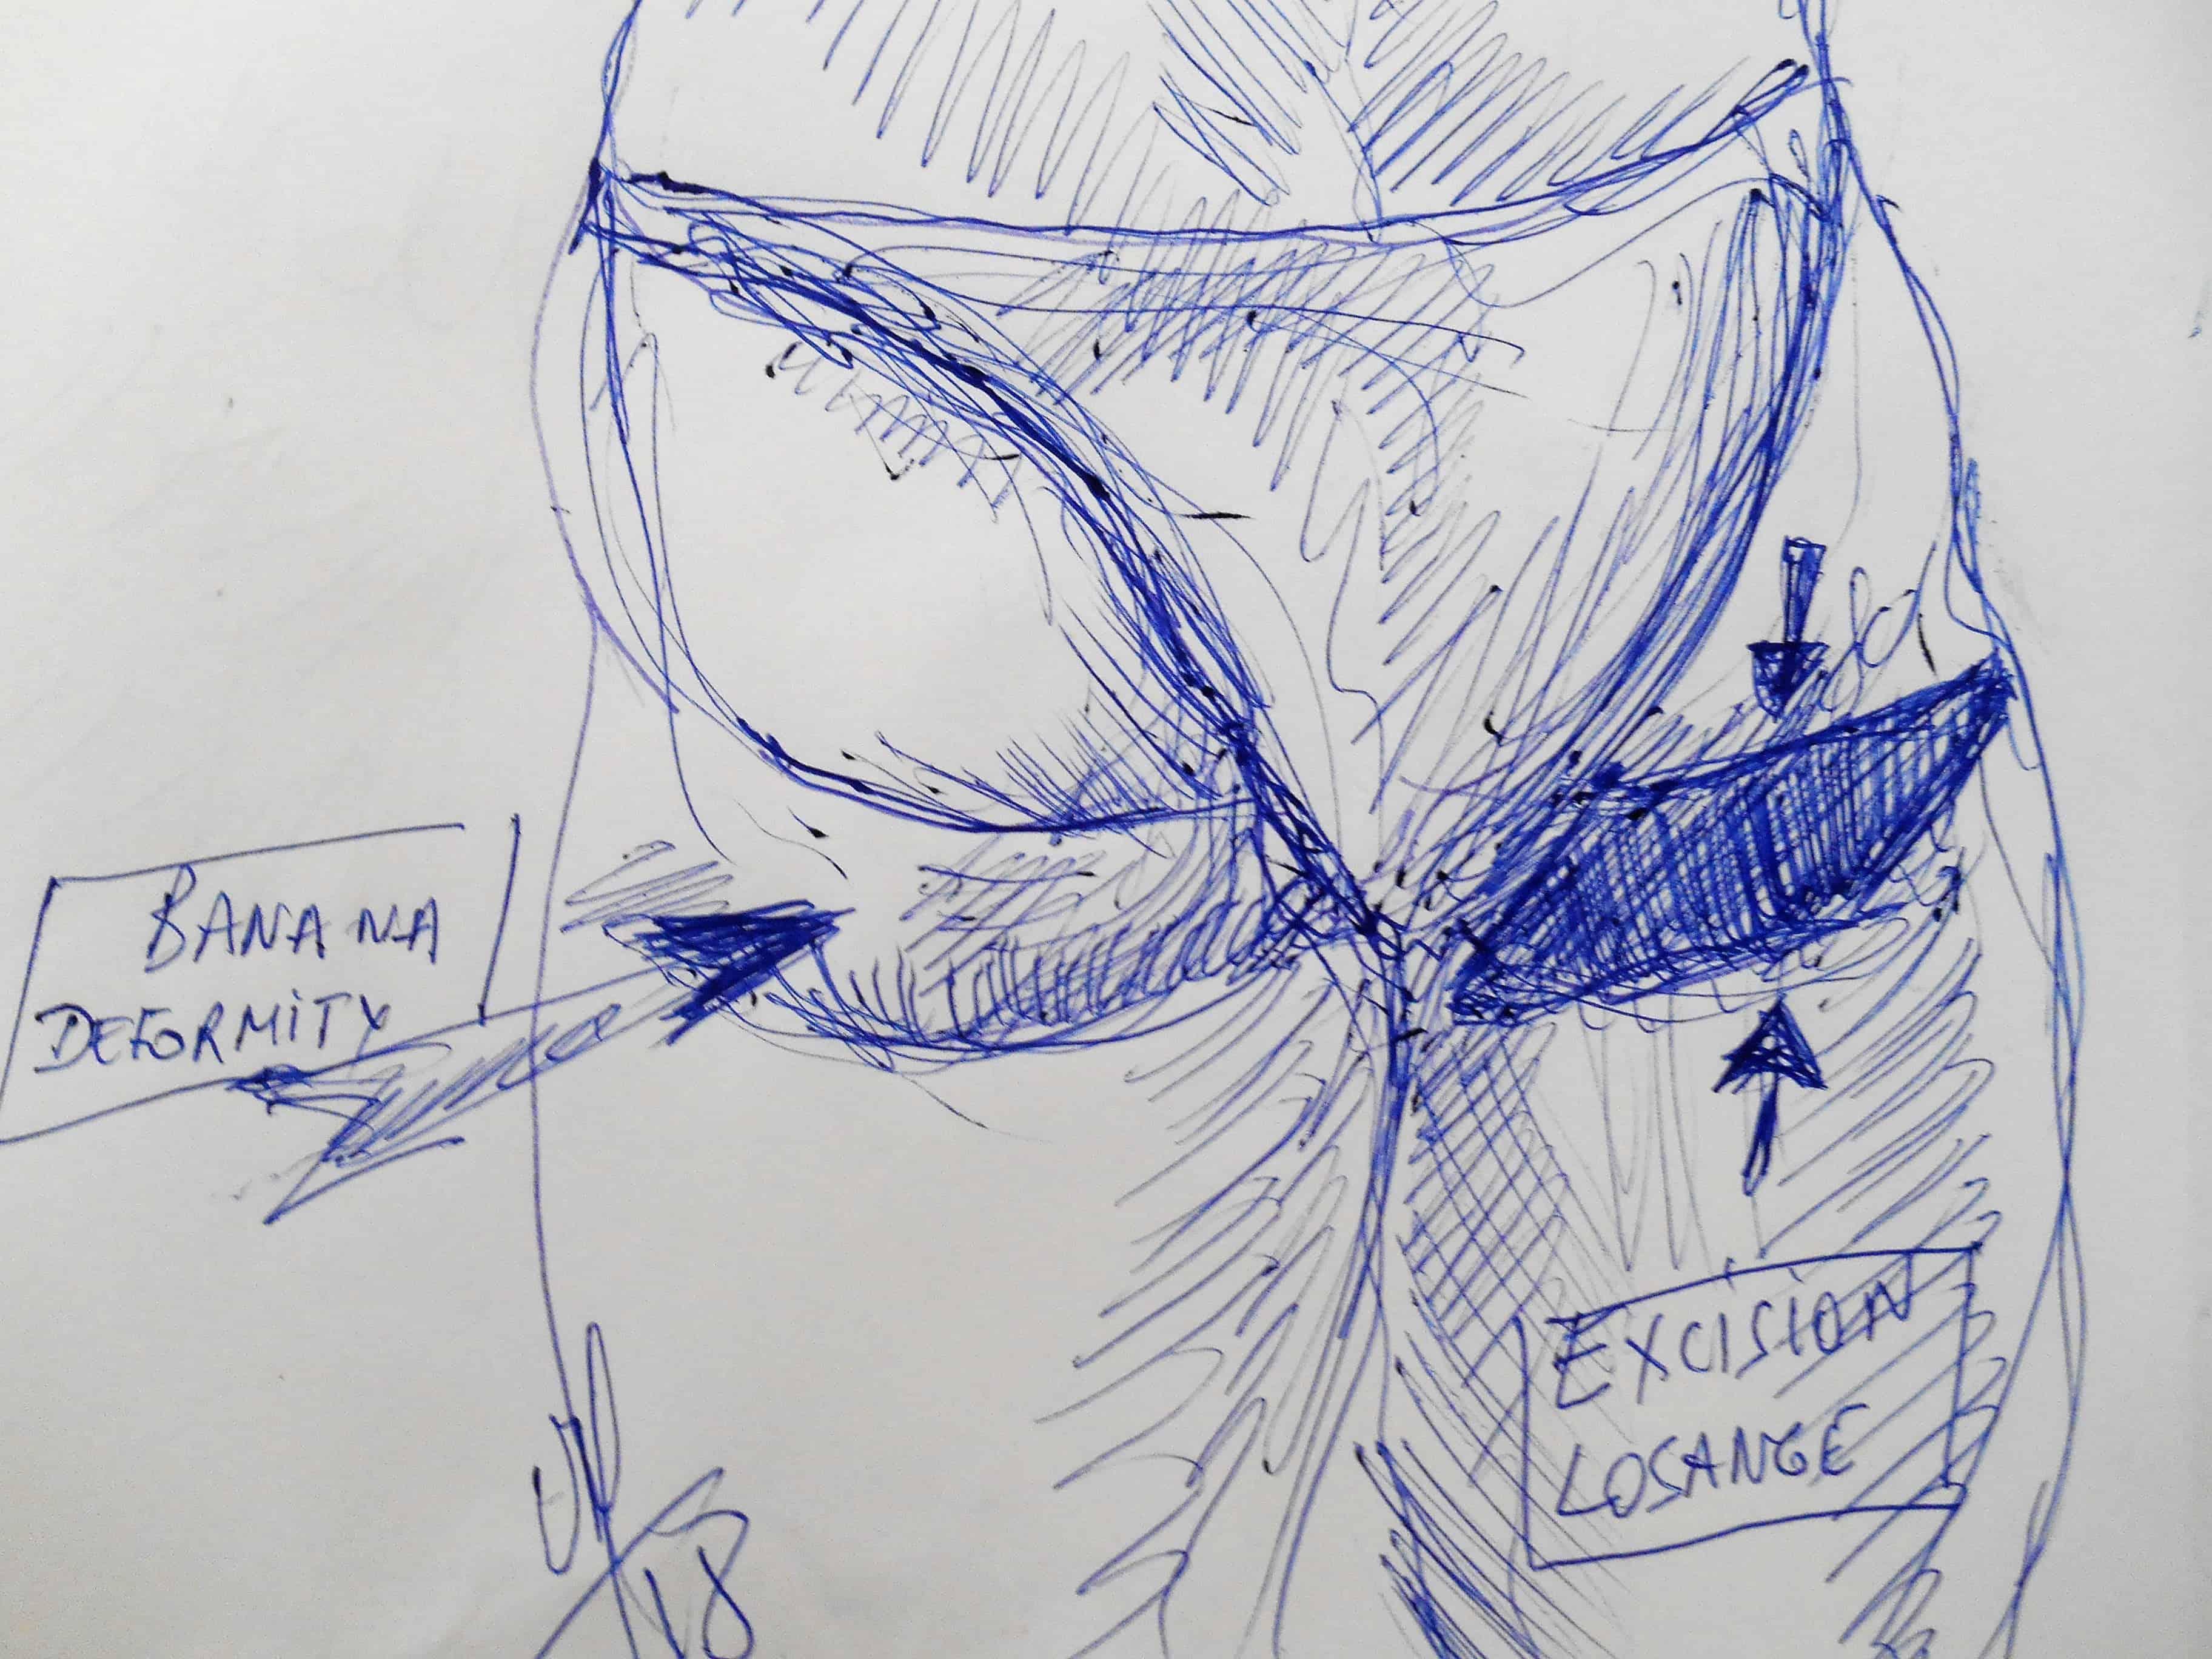 chirurgie esthetique chirurgie du corps chirurgie des fesses deformation en banane